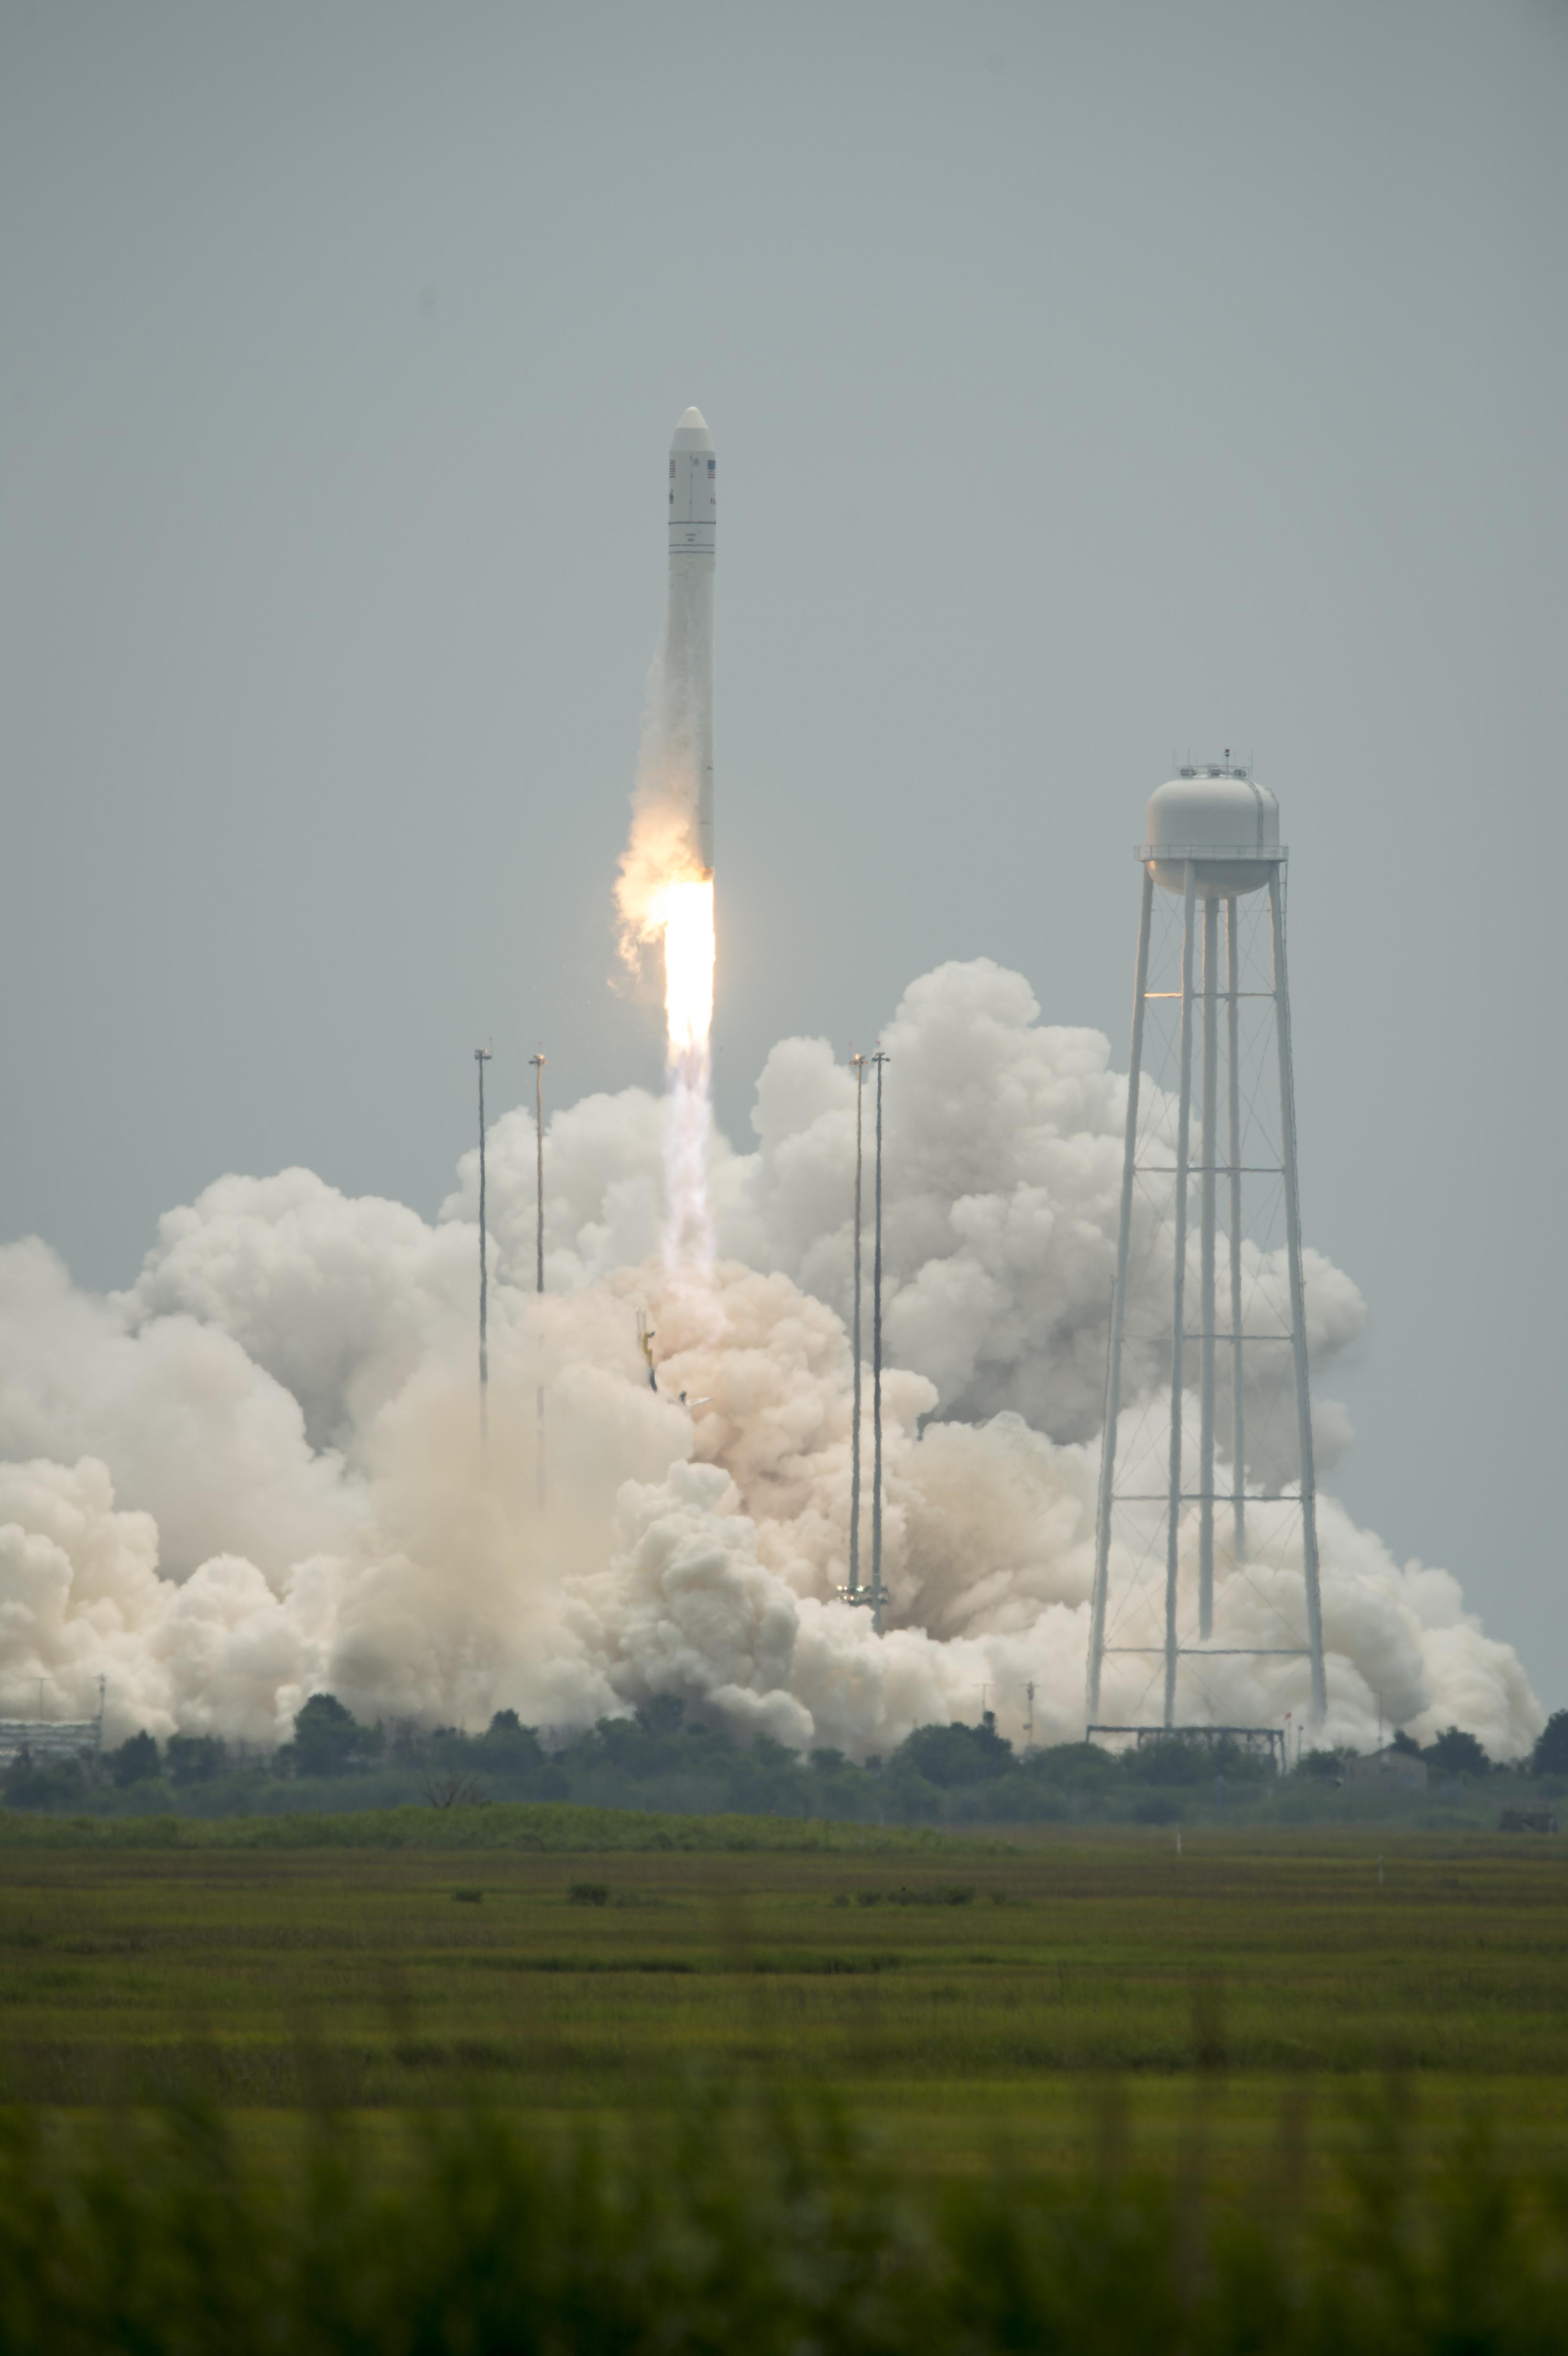 nasa rocket station - photo #26